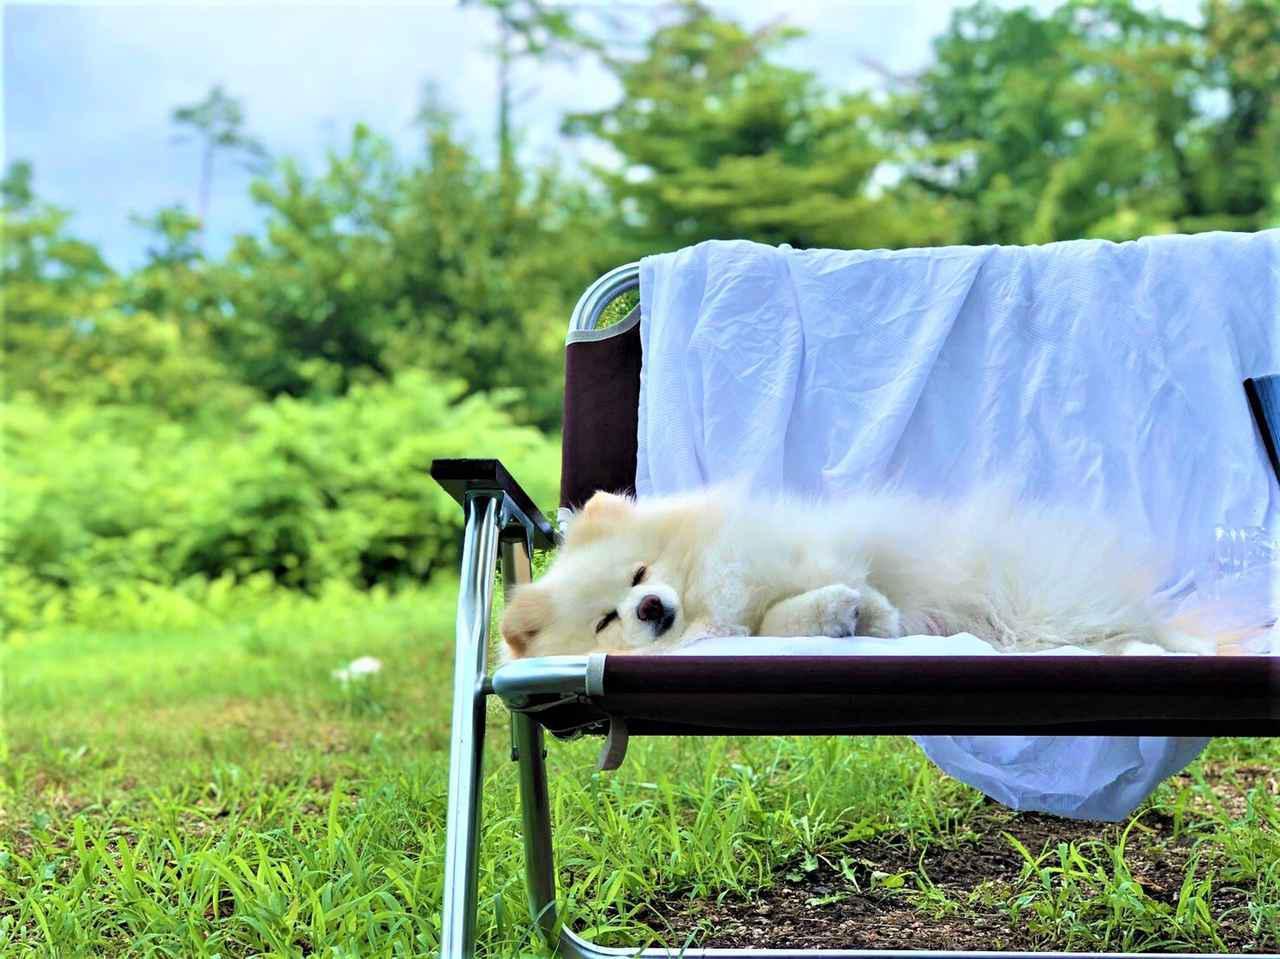 画像: 【夏の犬連れキャンプ】熱中症対策&関東近辺「ペットOK」おすすめキャンプ場3選 - ハピキャン キャンプ・アウトドア情報メディア